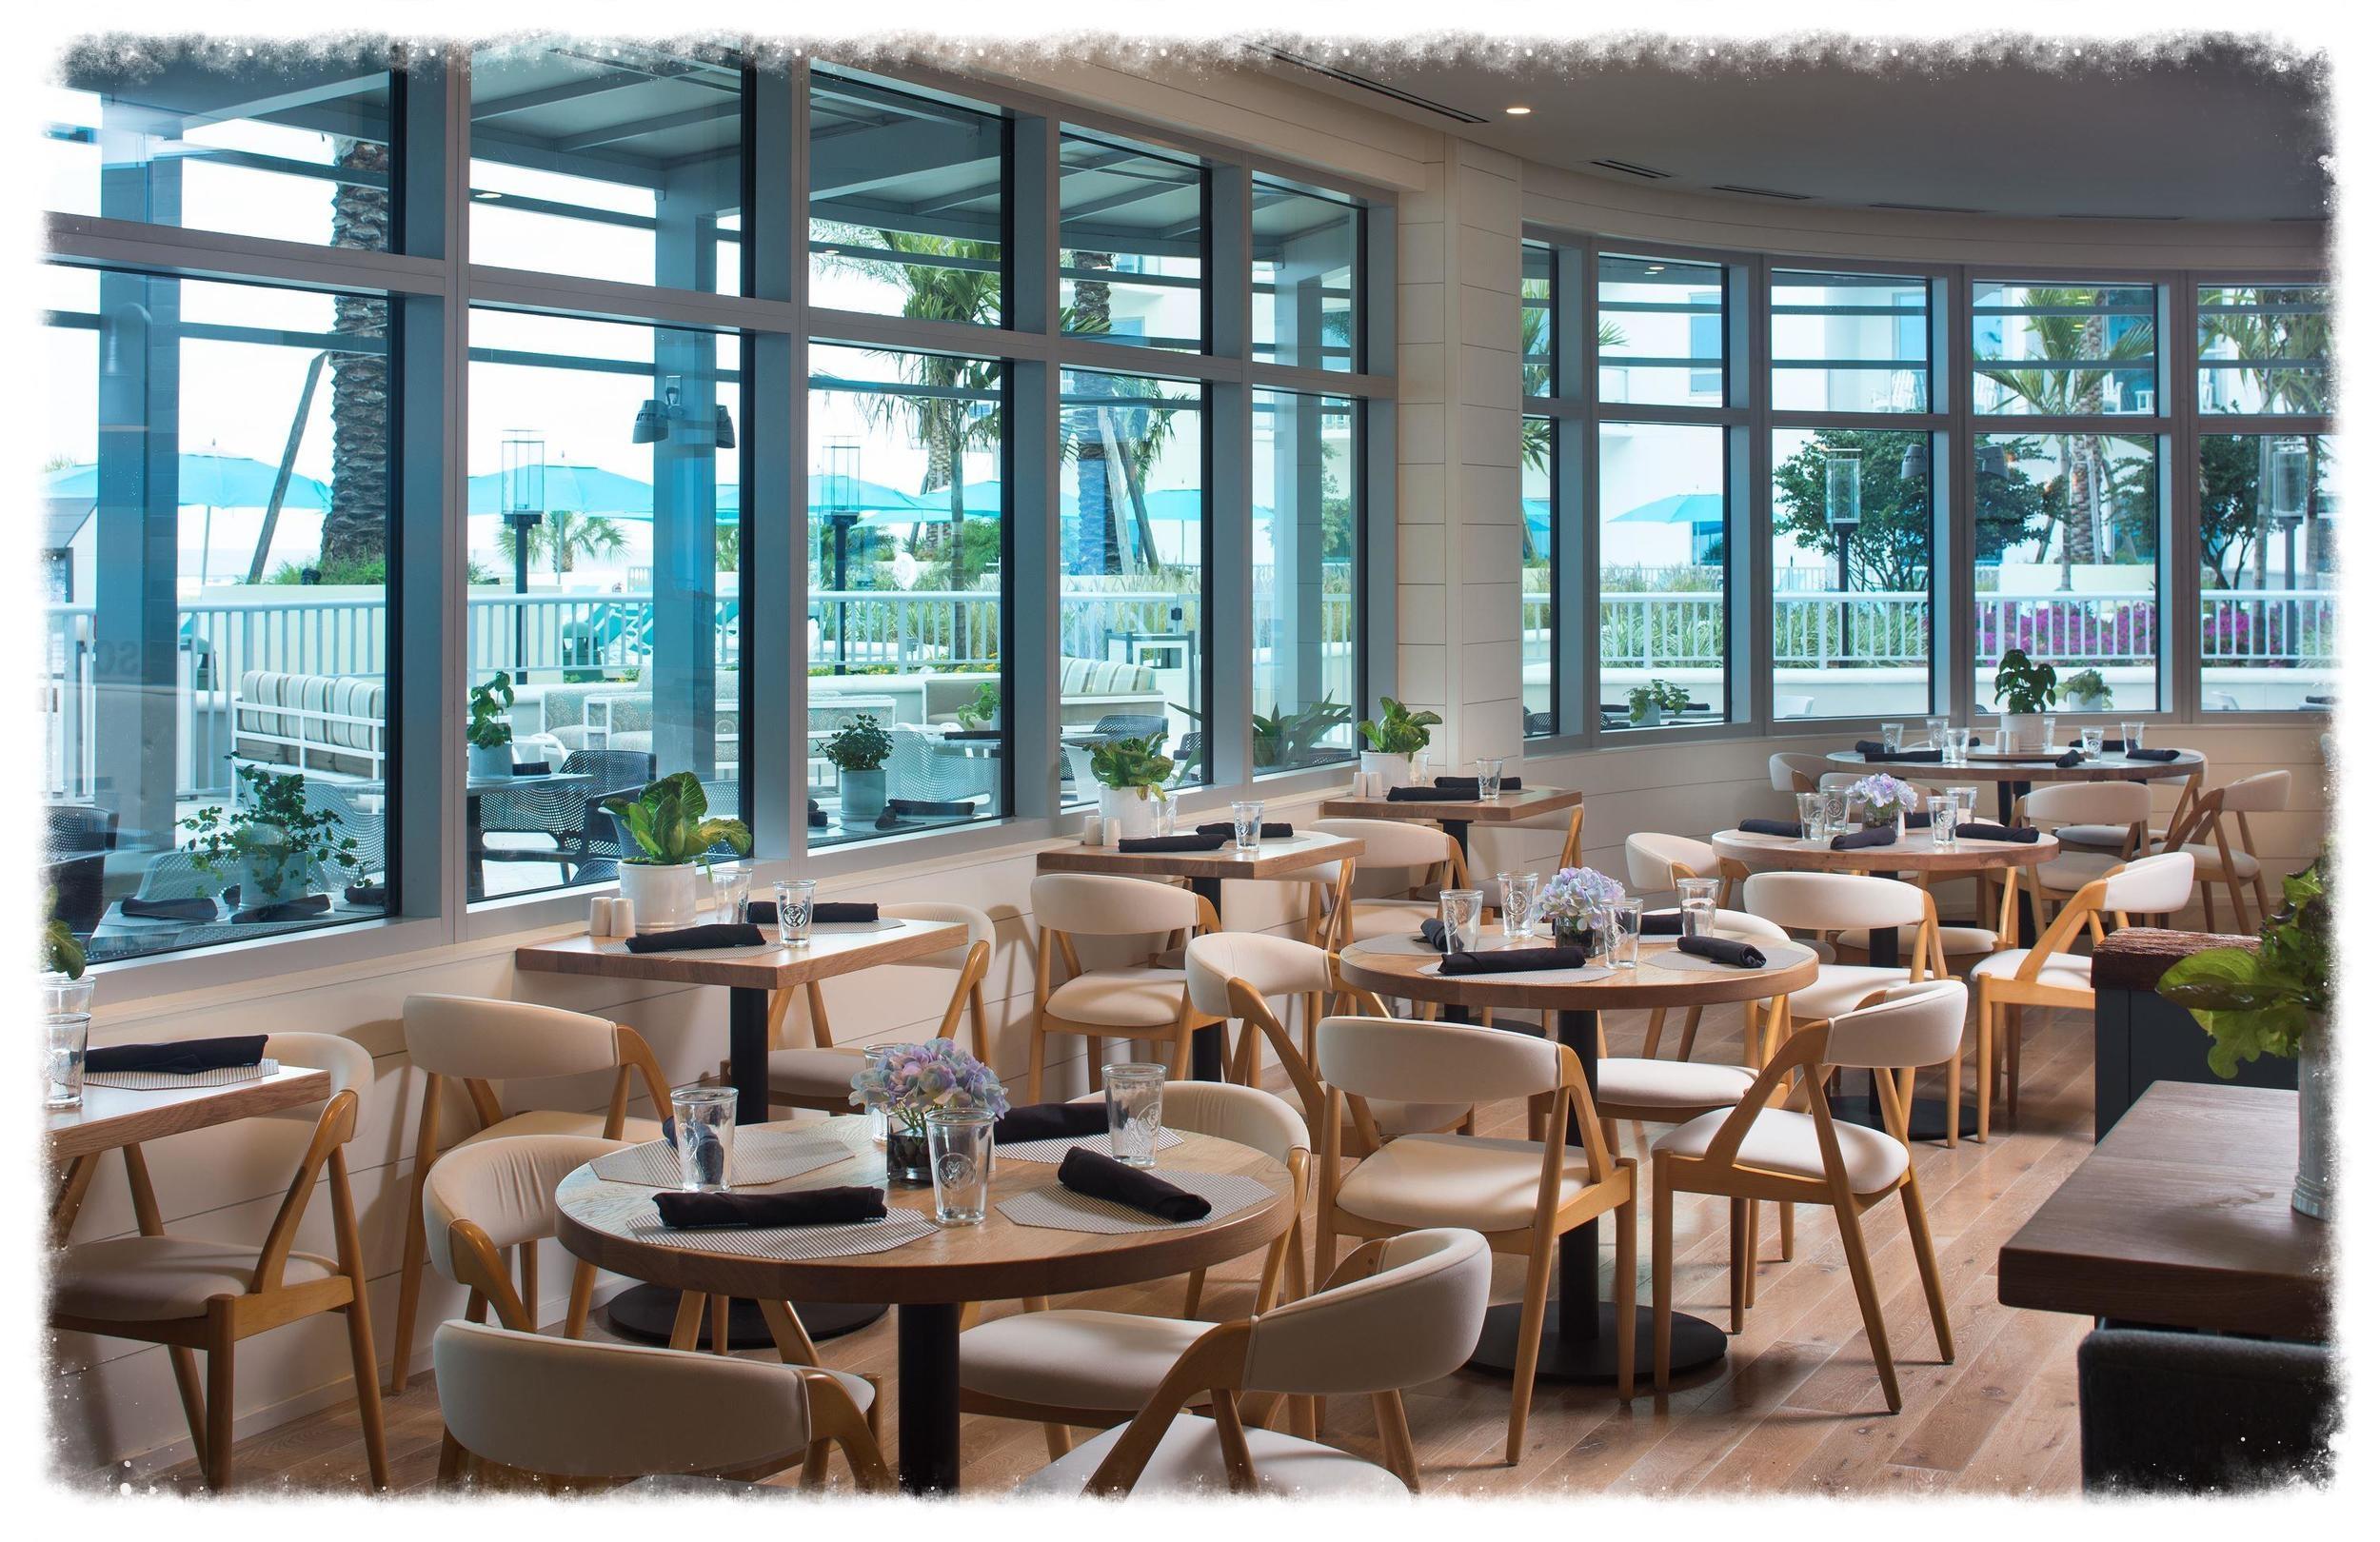 BRGR_Restaurant_574931_high.jpg